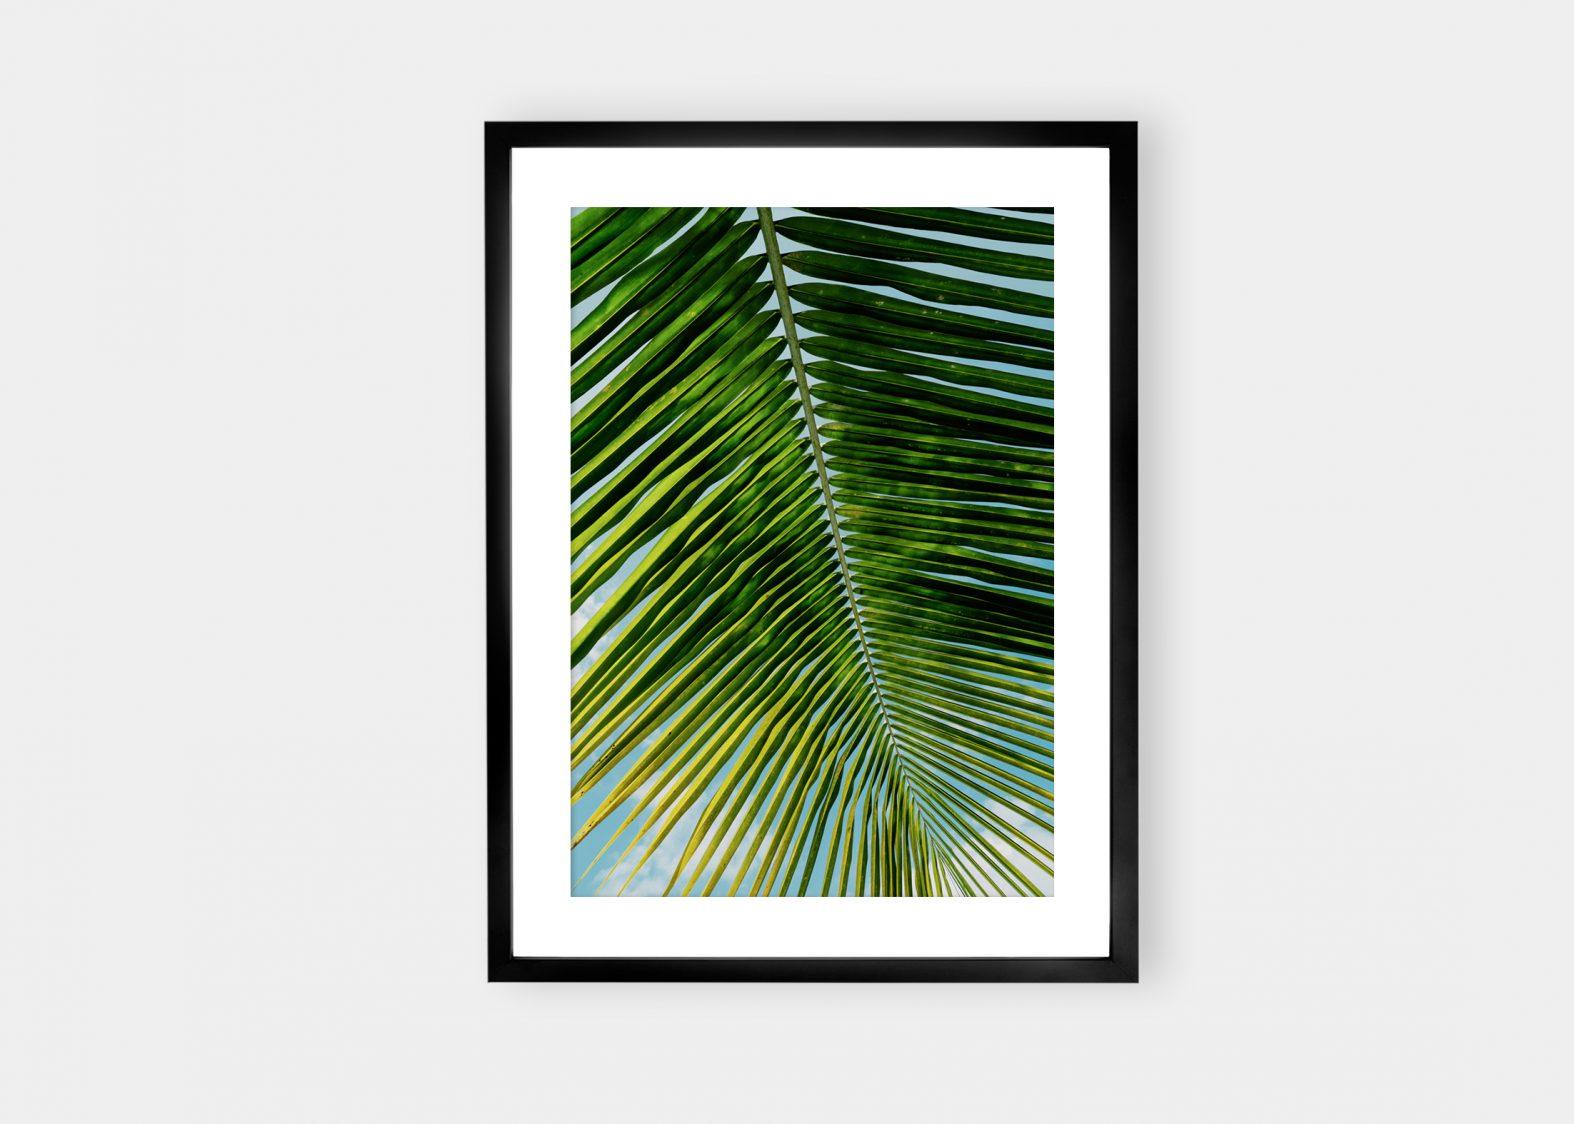 Calm Palm | Salg av Fine Art fotokunst på nett | Fotograf Stian Gregersen